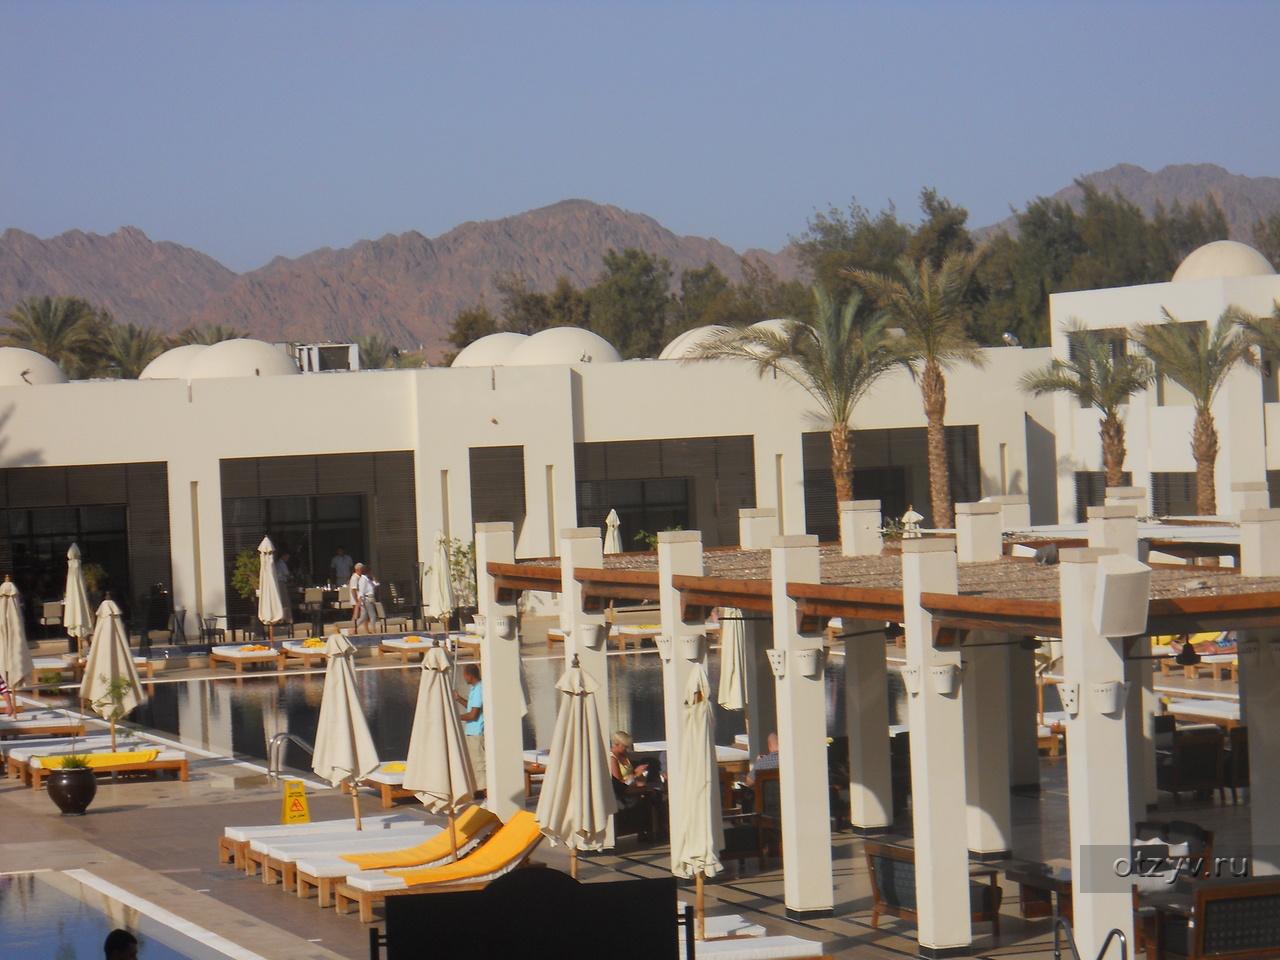 схема территории отеля риф оазис египет